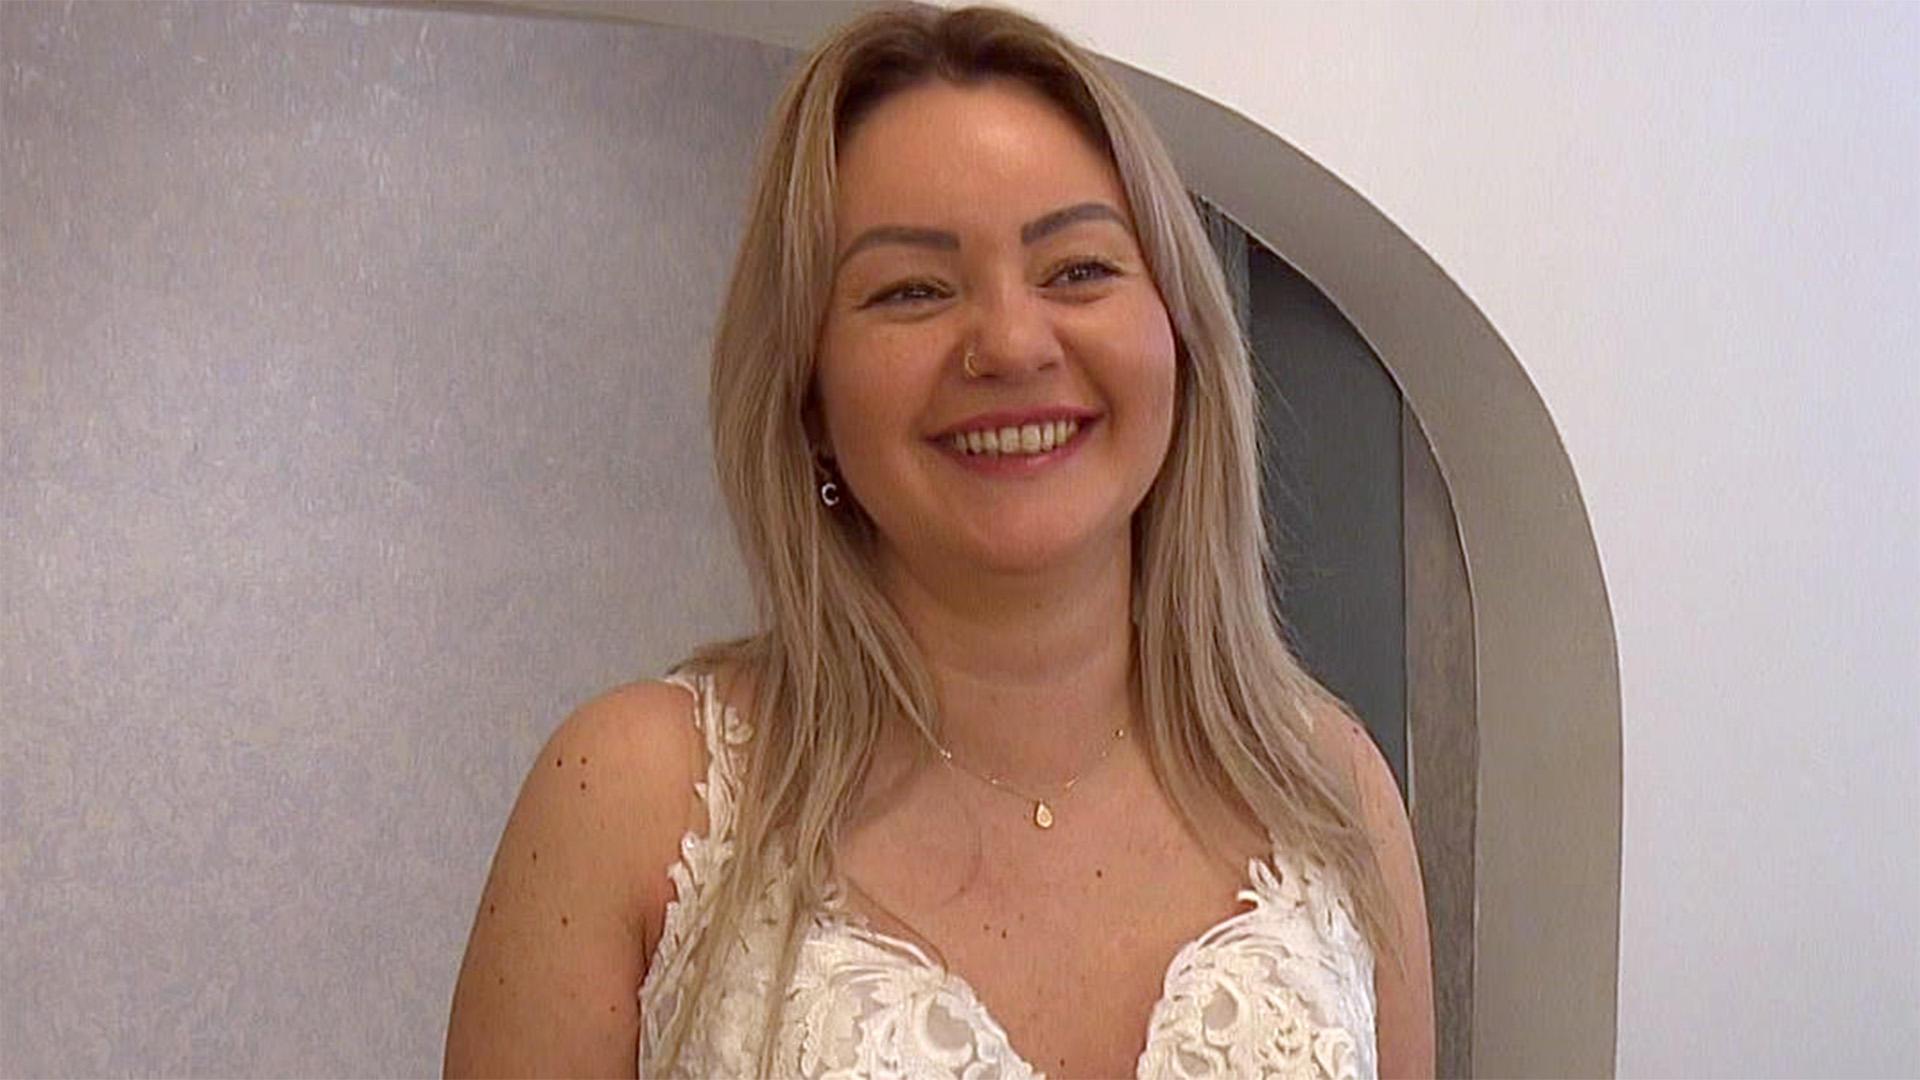 Kleid für türkische Hochzeit gesucht | Folge 65